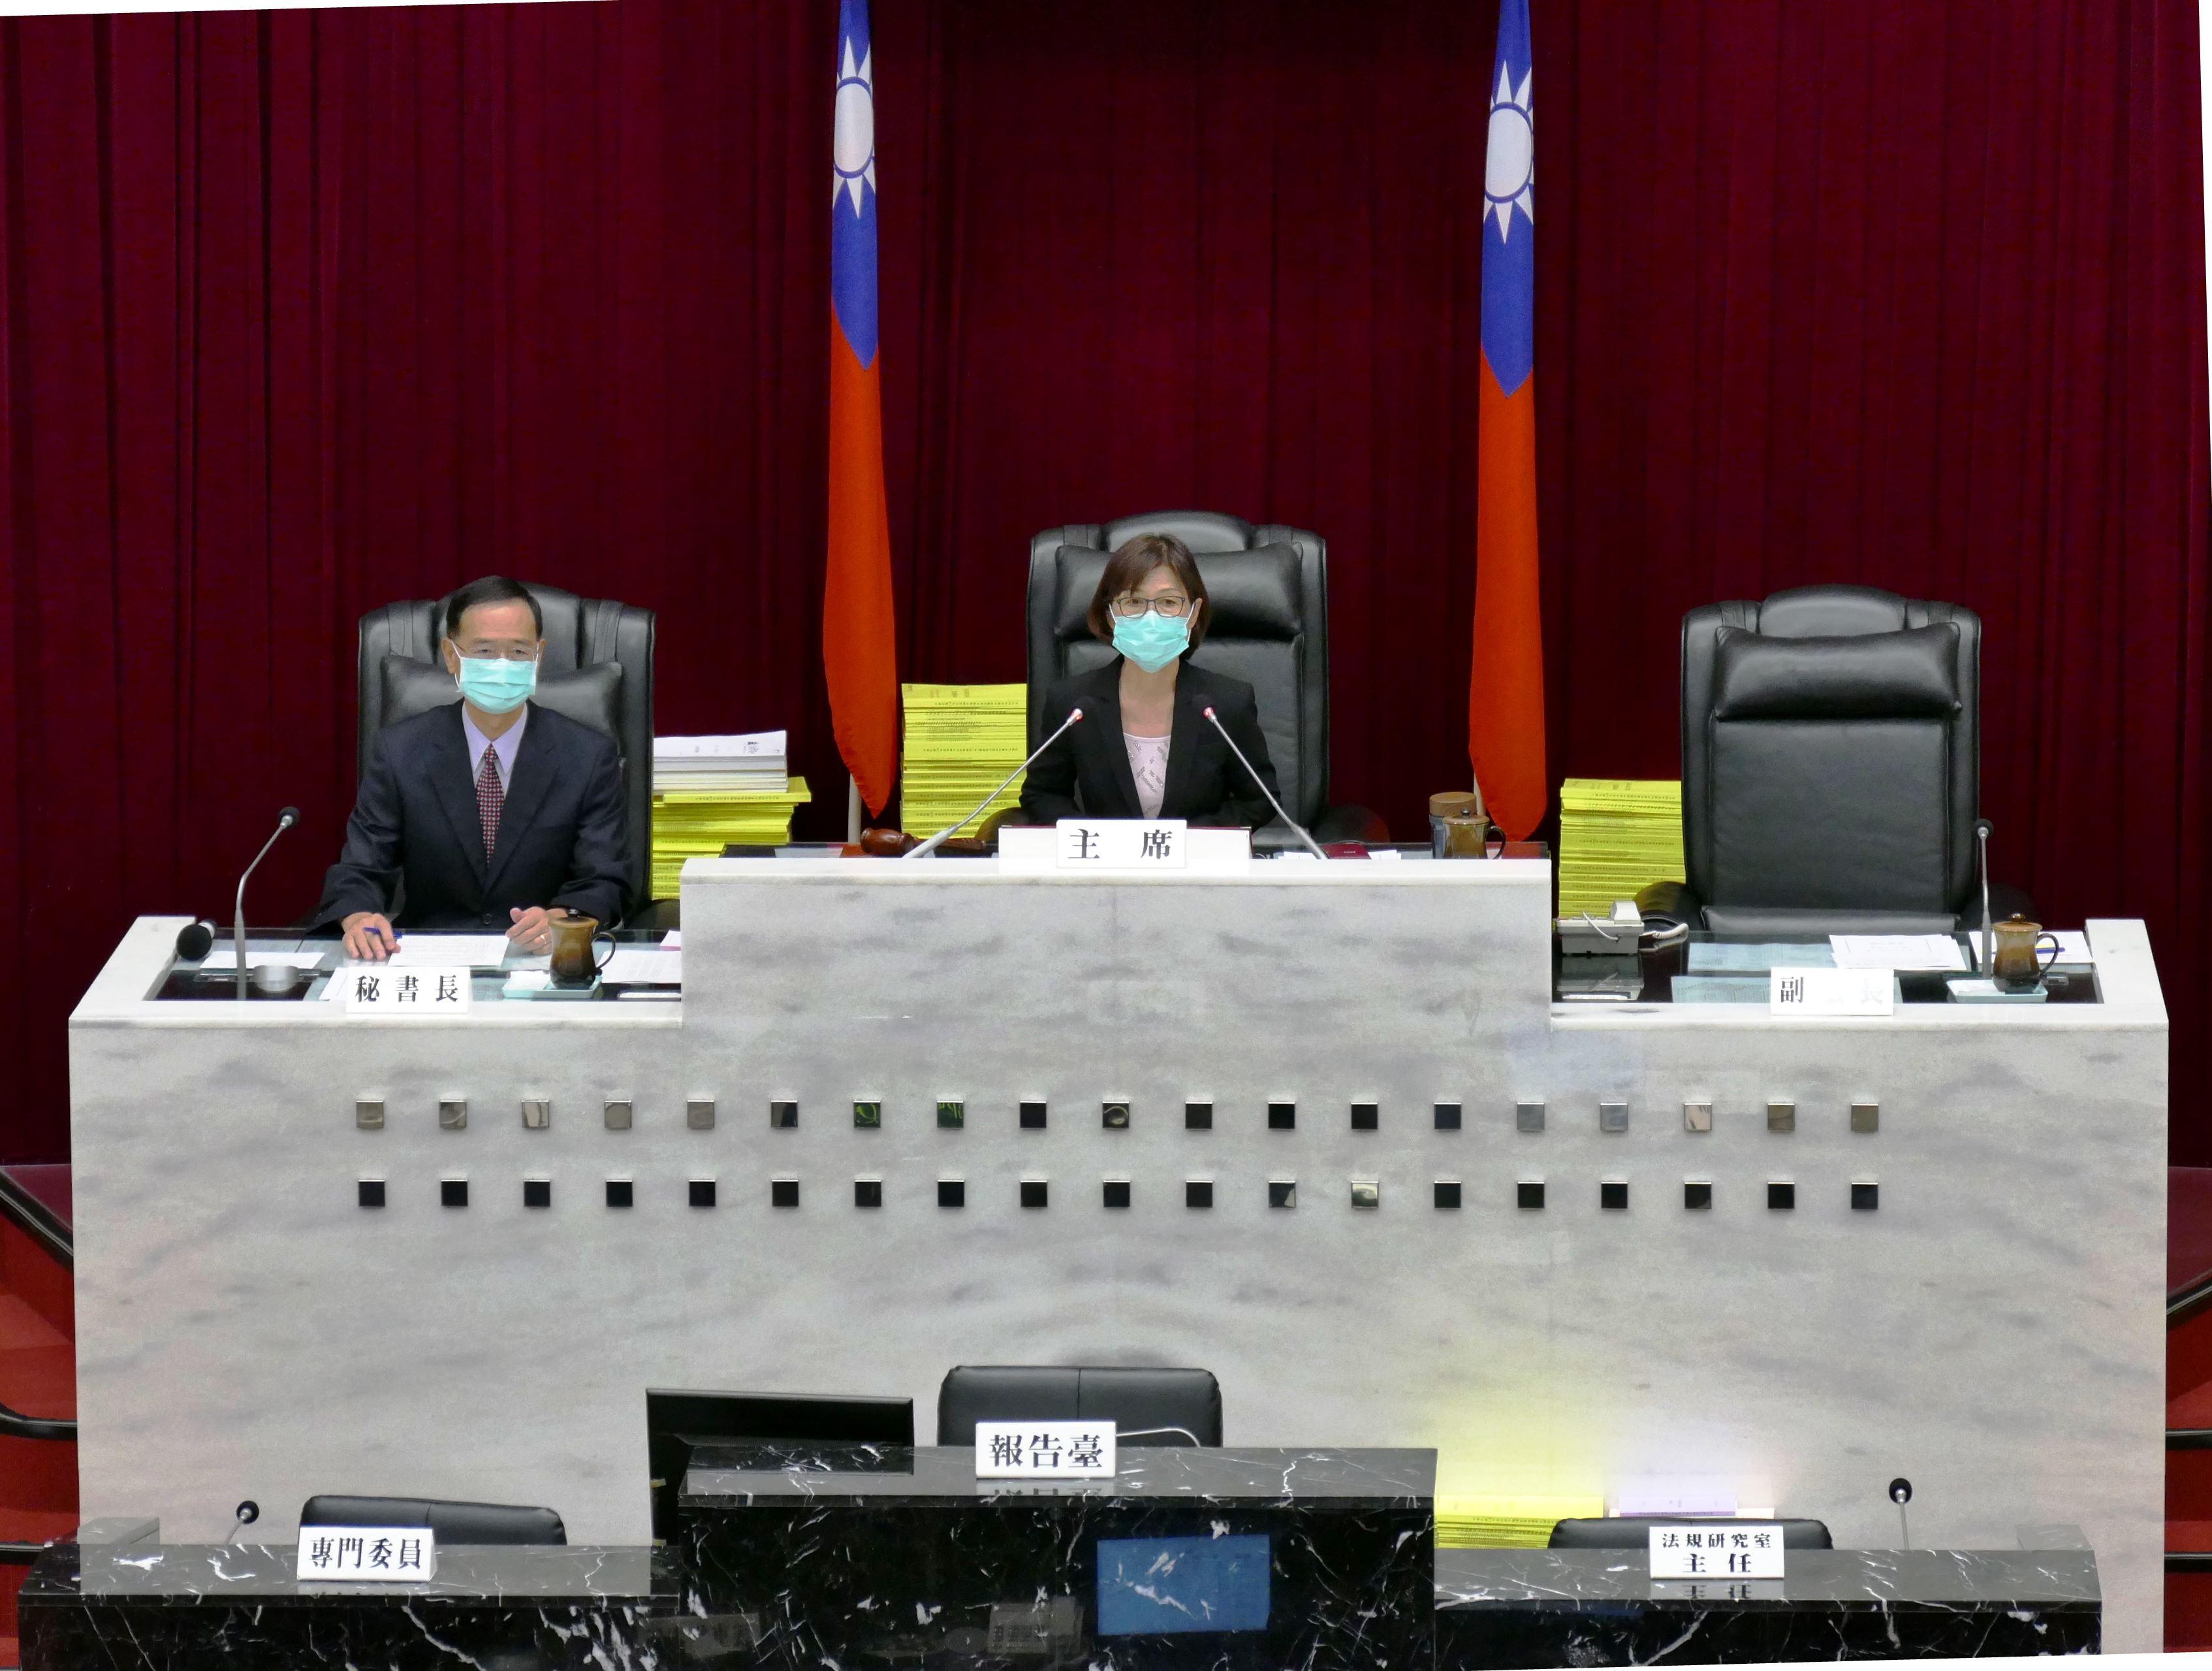 曾議長開幕致詞要求陳市長提出具體減債計畫